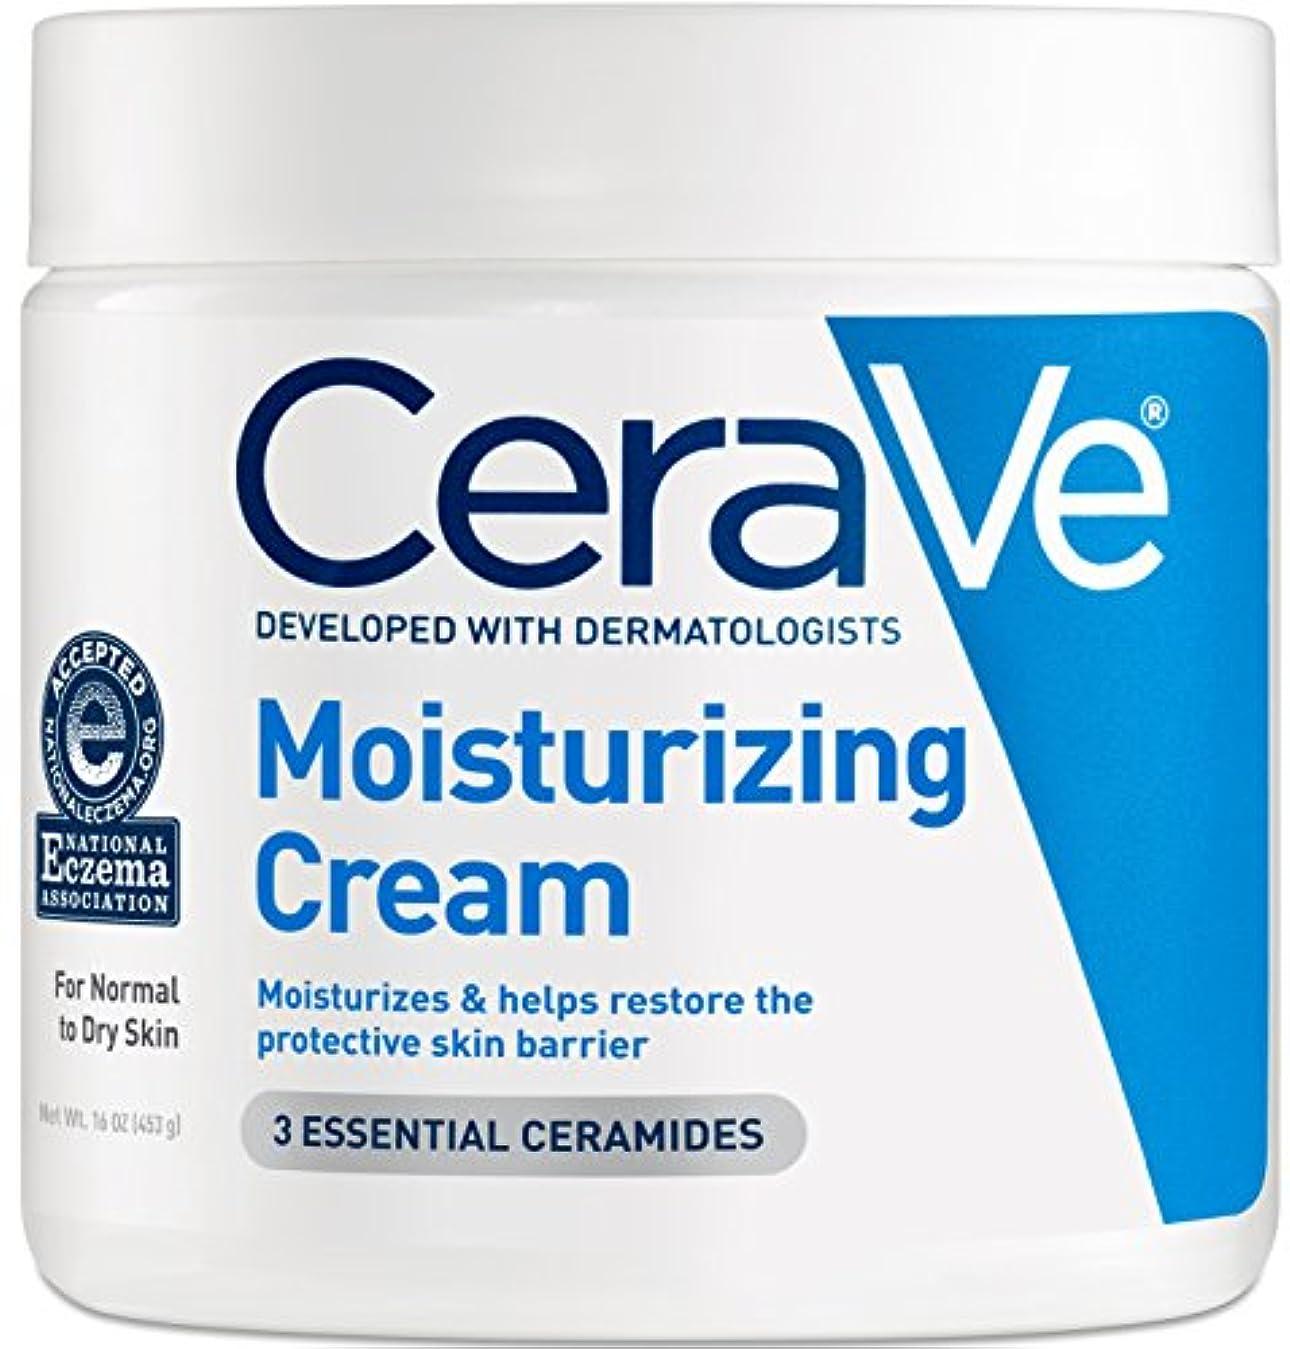 適格ネックレット影響力のある海外直送品Cerave Cerave Moisturizing Cream, 16 oz